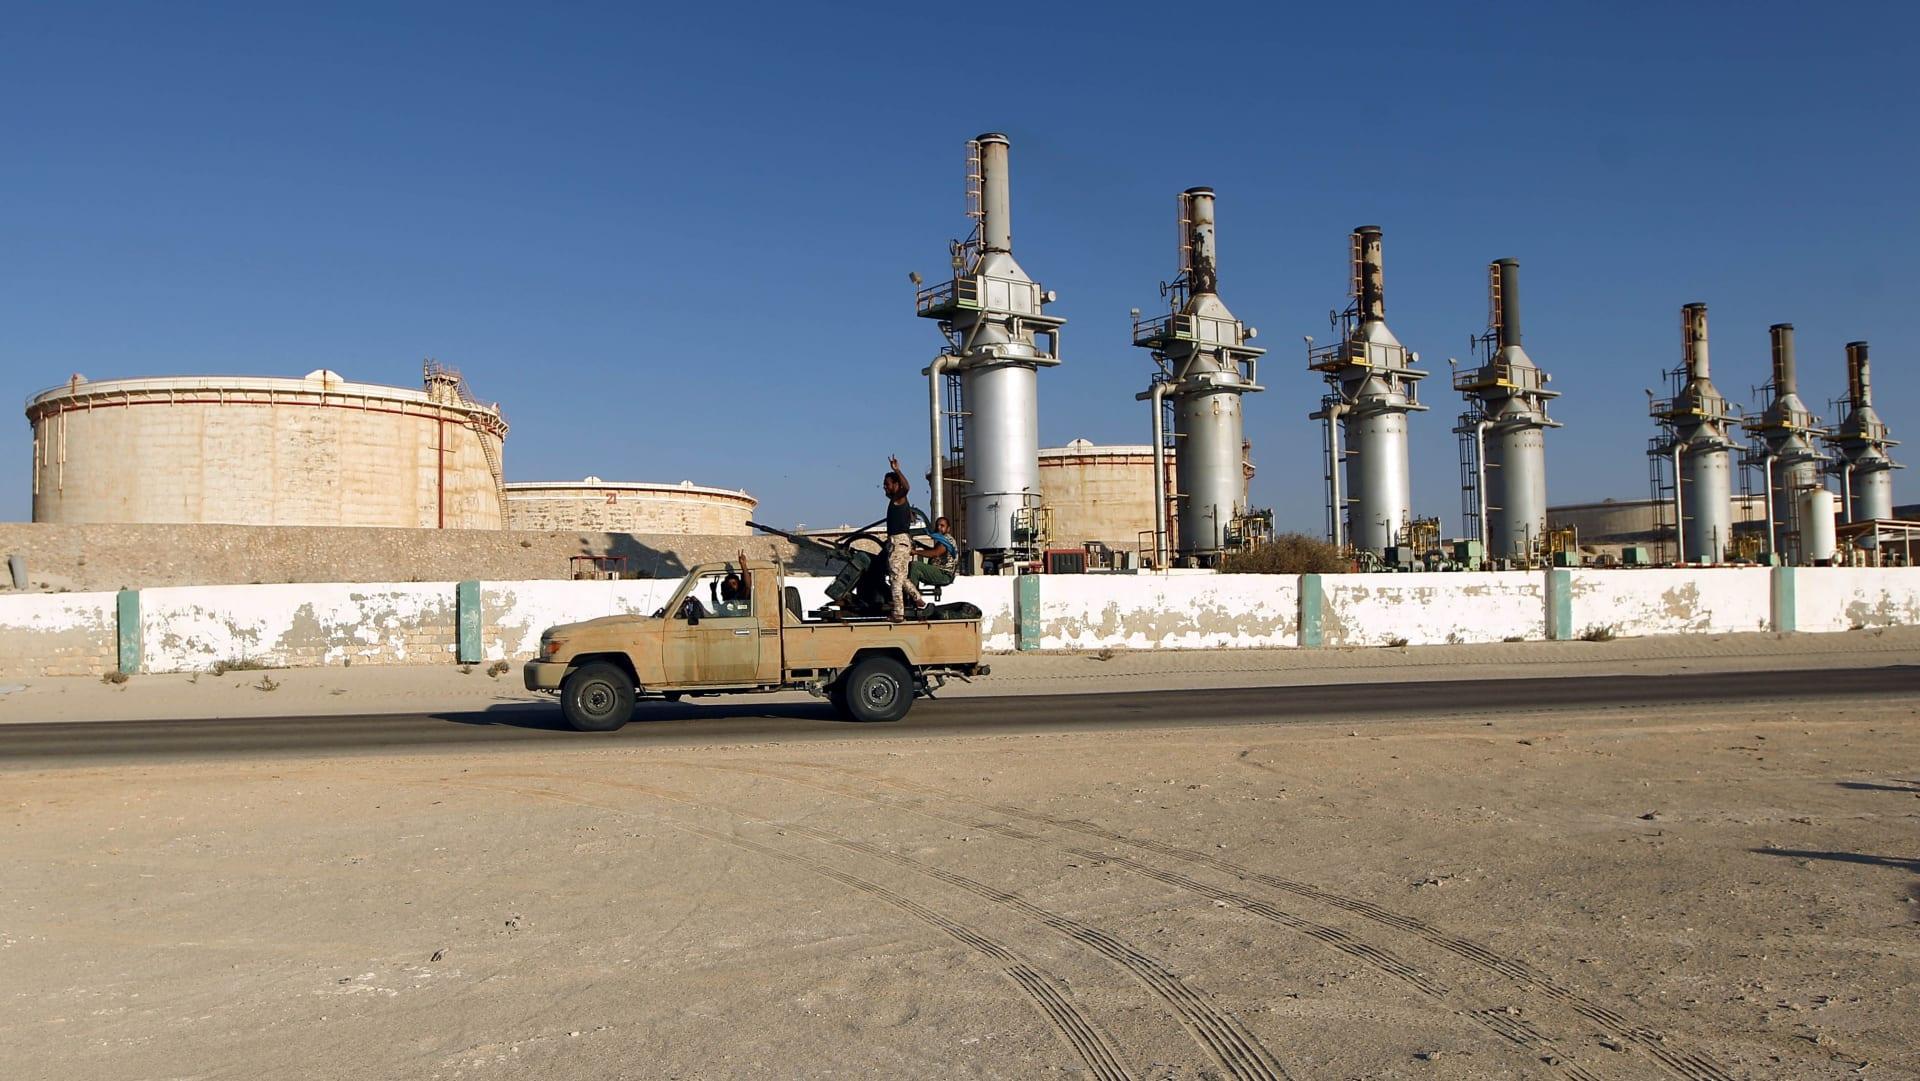 ما تفاصيل خطة تأمين حقول النفط الليبية التي وافق عليها السراج؟